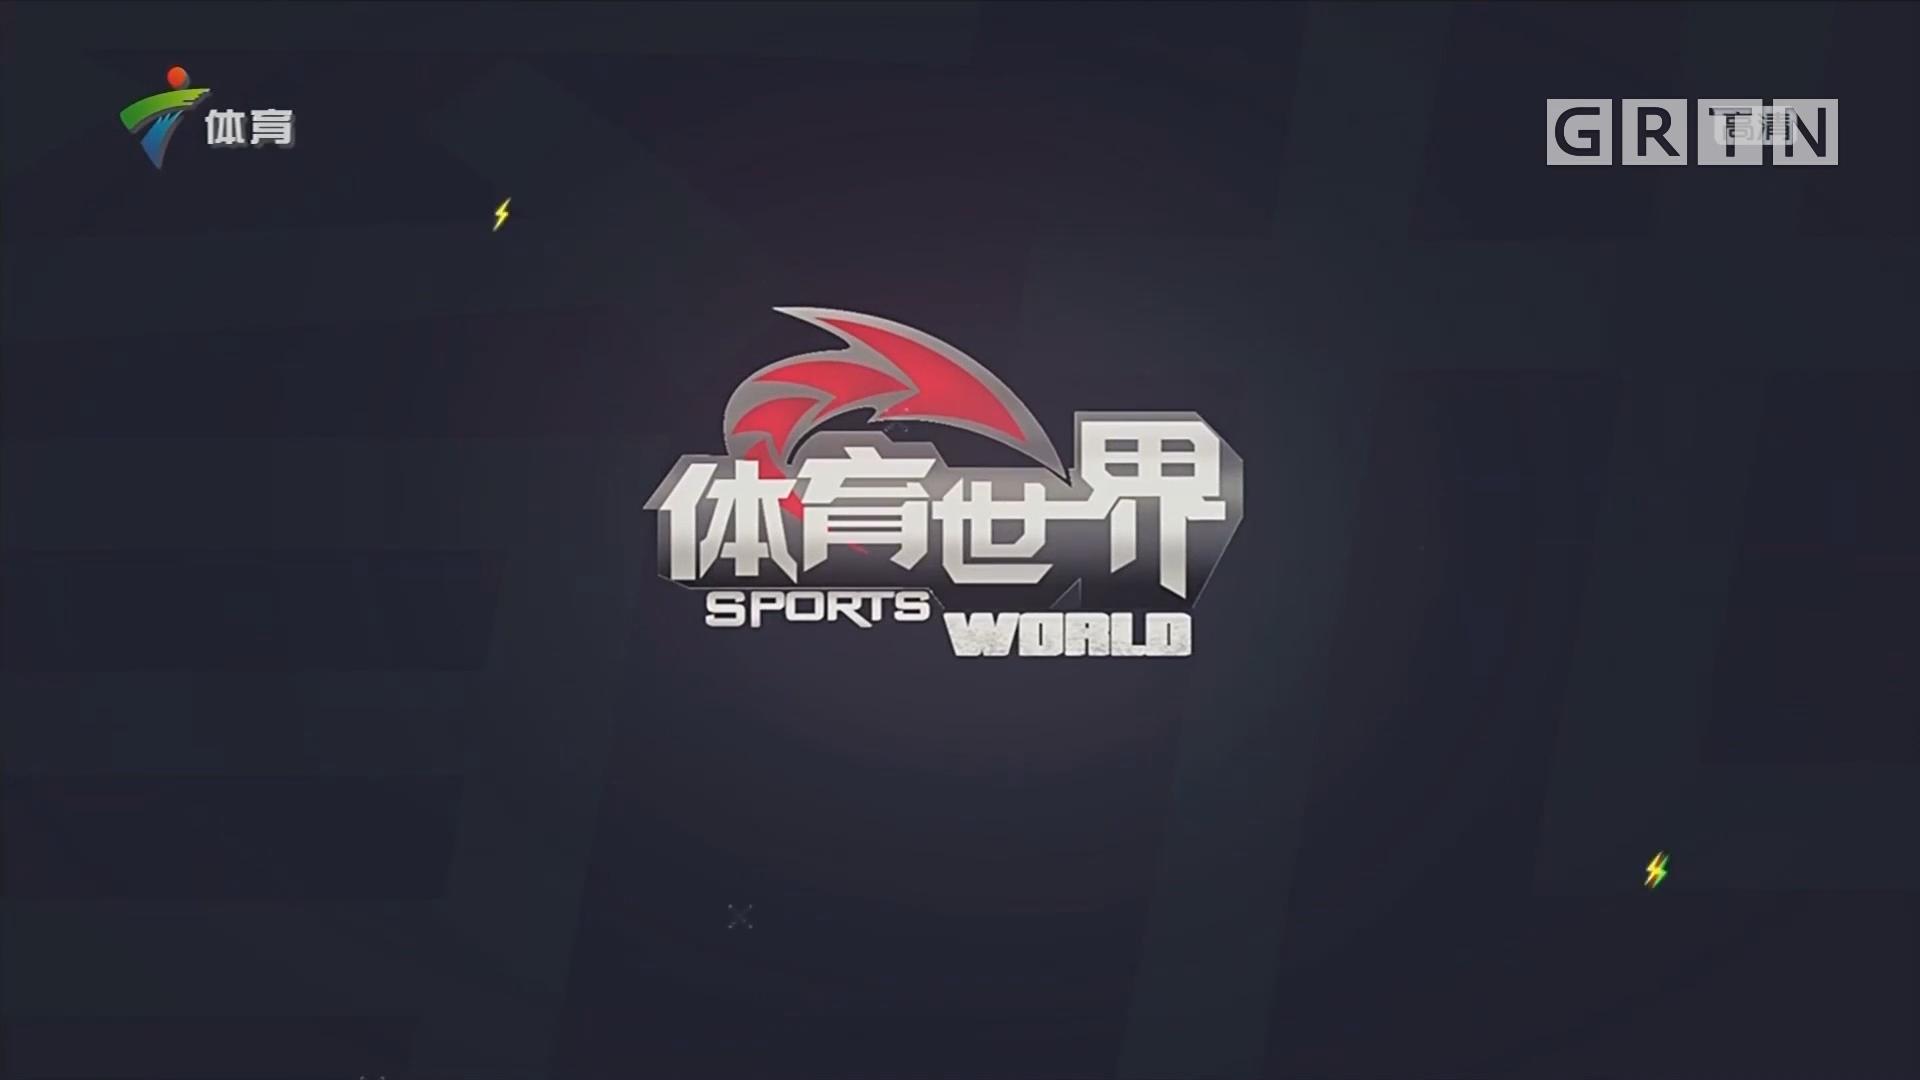 [HD][2019-04-14]体育世界:迎篮球世界杯 2019东莞市篮球联赛明天开打